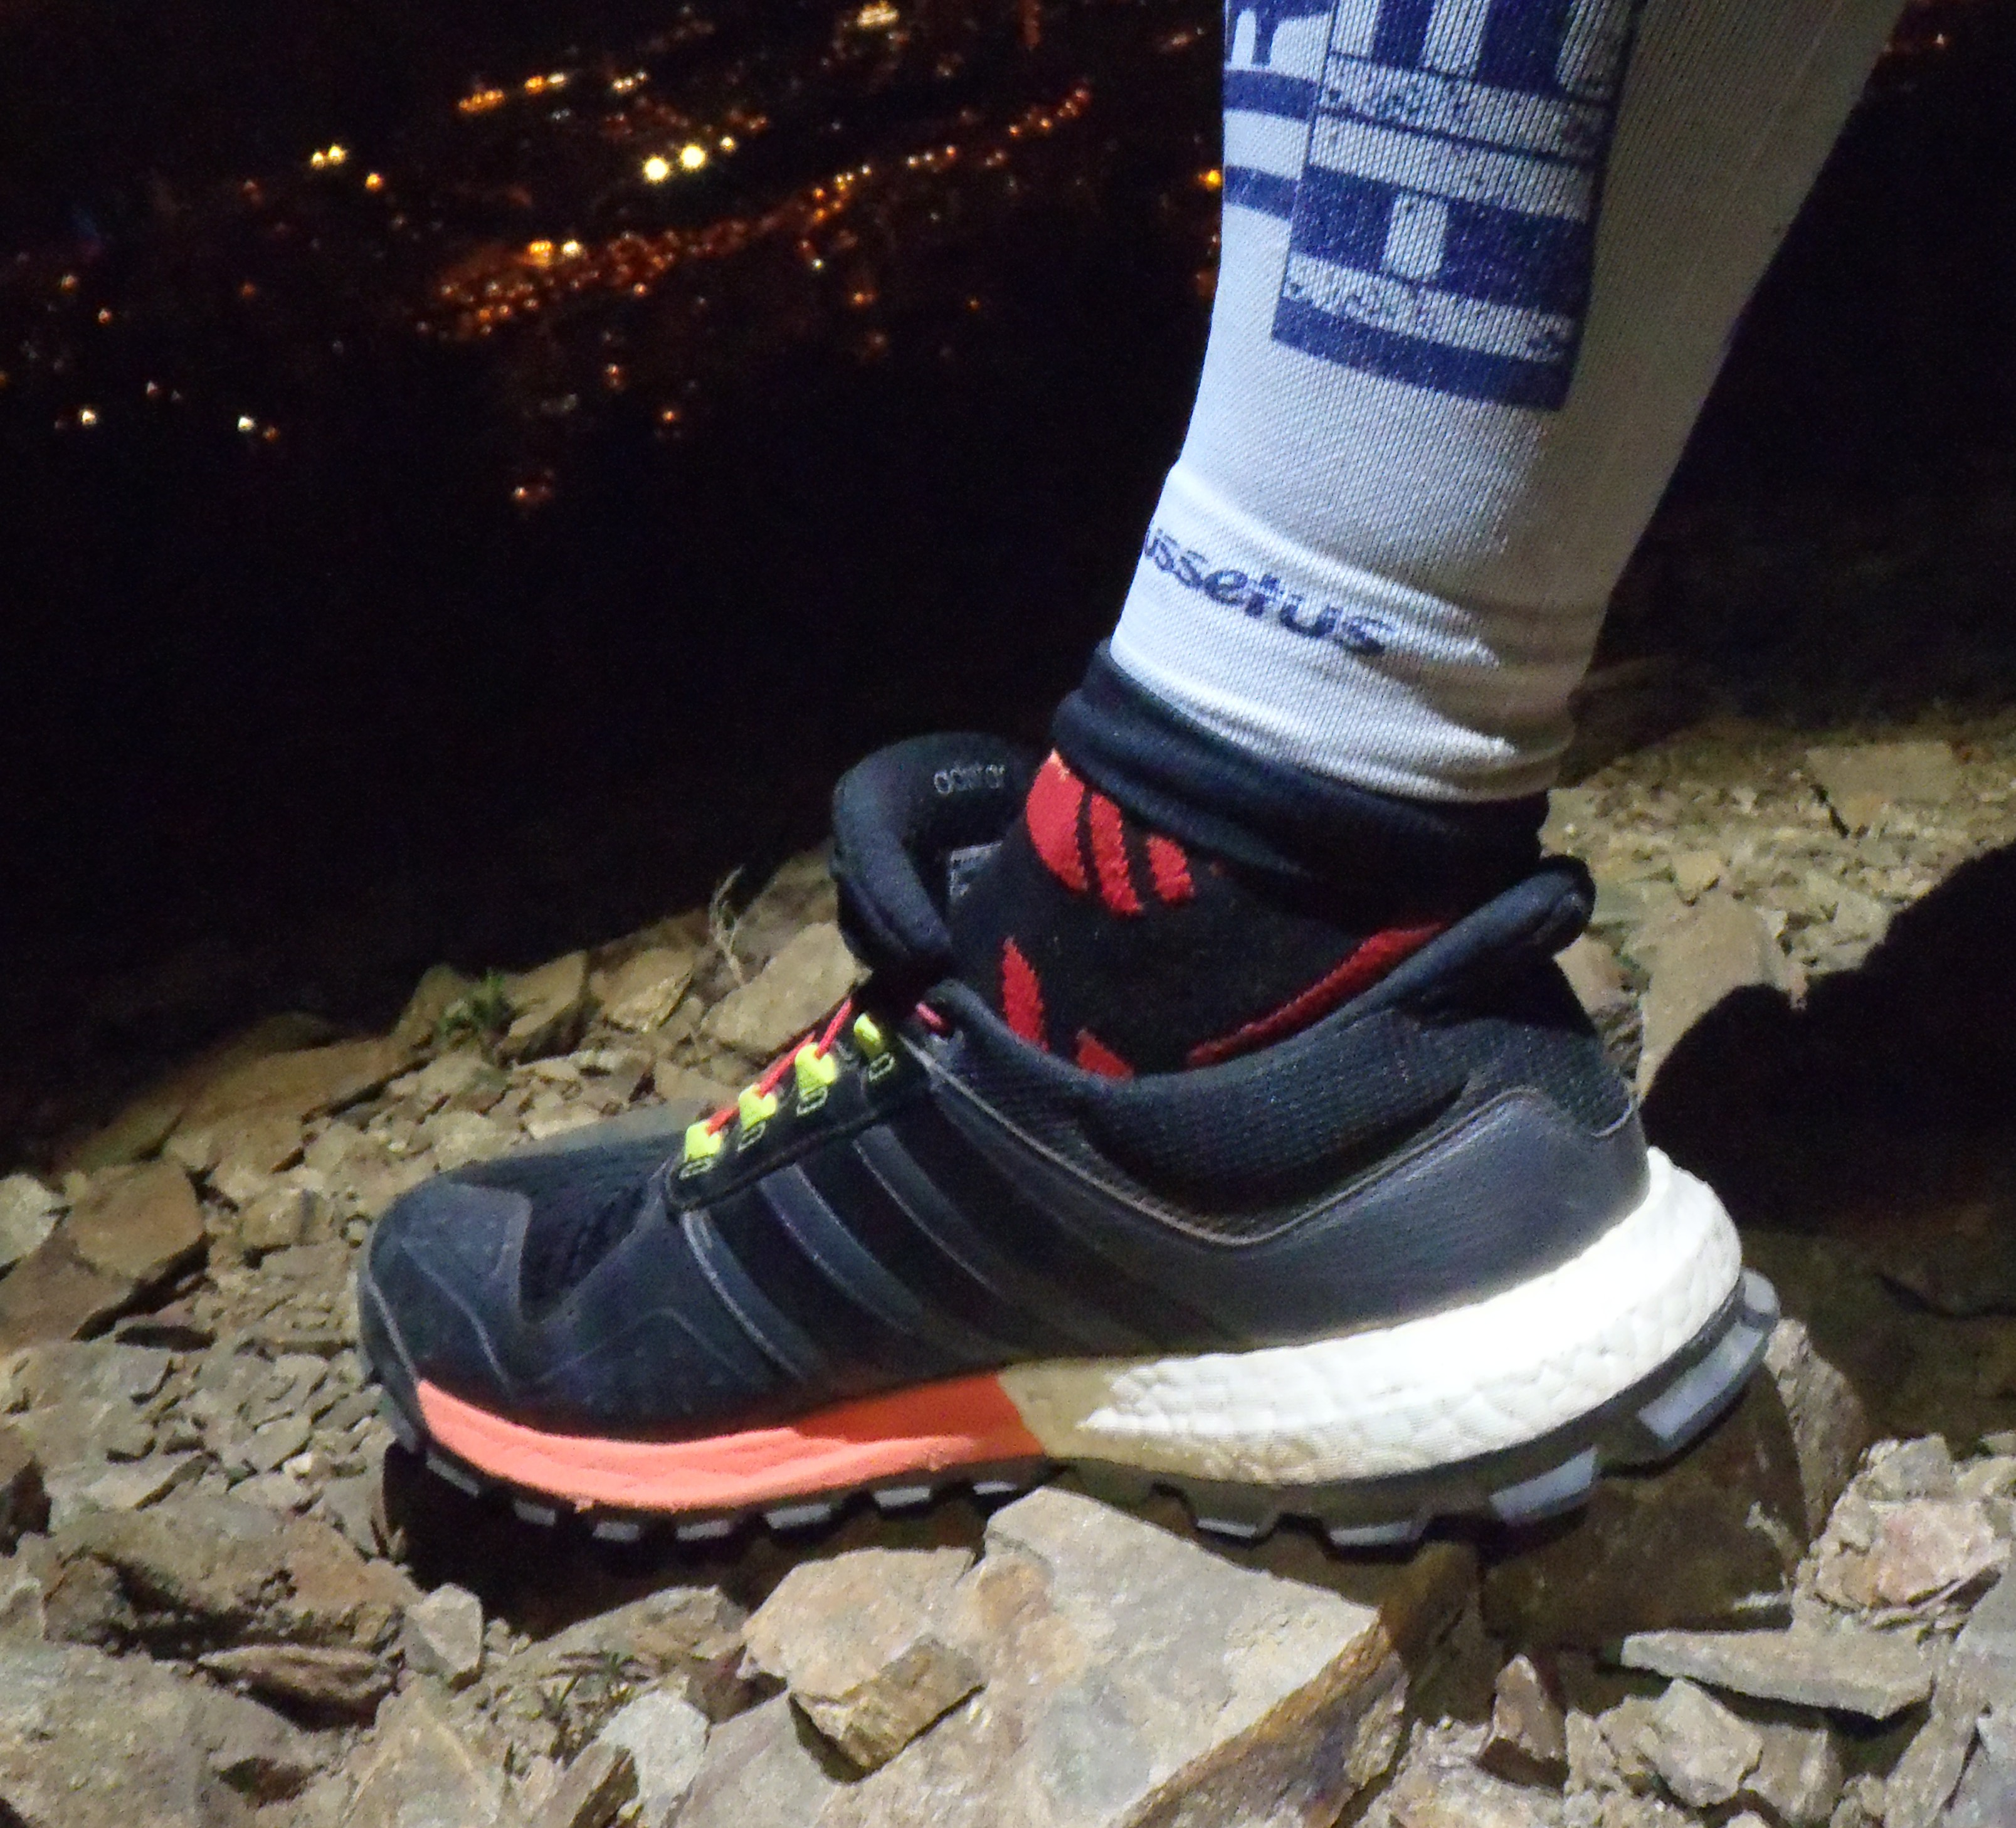 Adidas adistar raven impulso: descifrando el concepto de scia scia